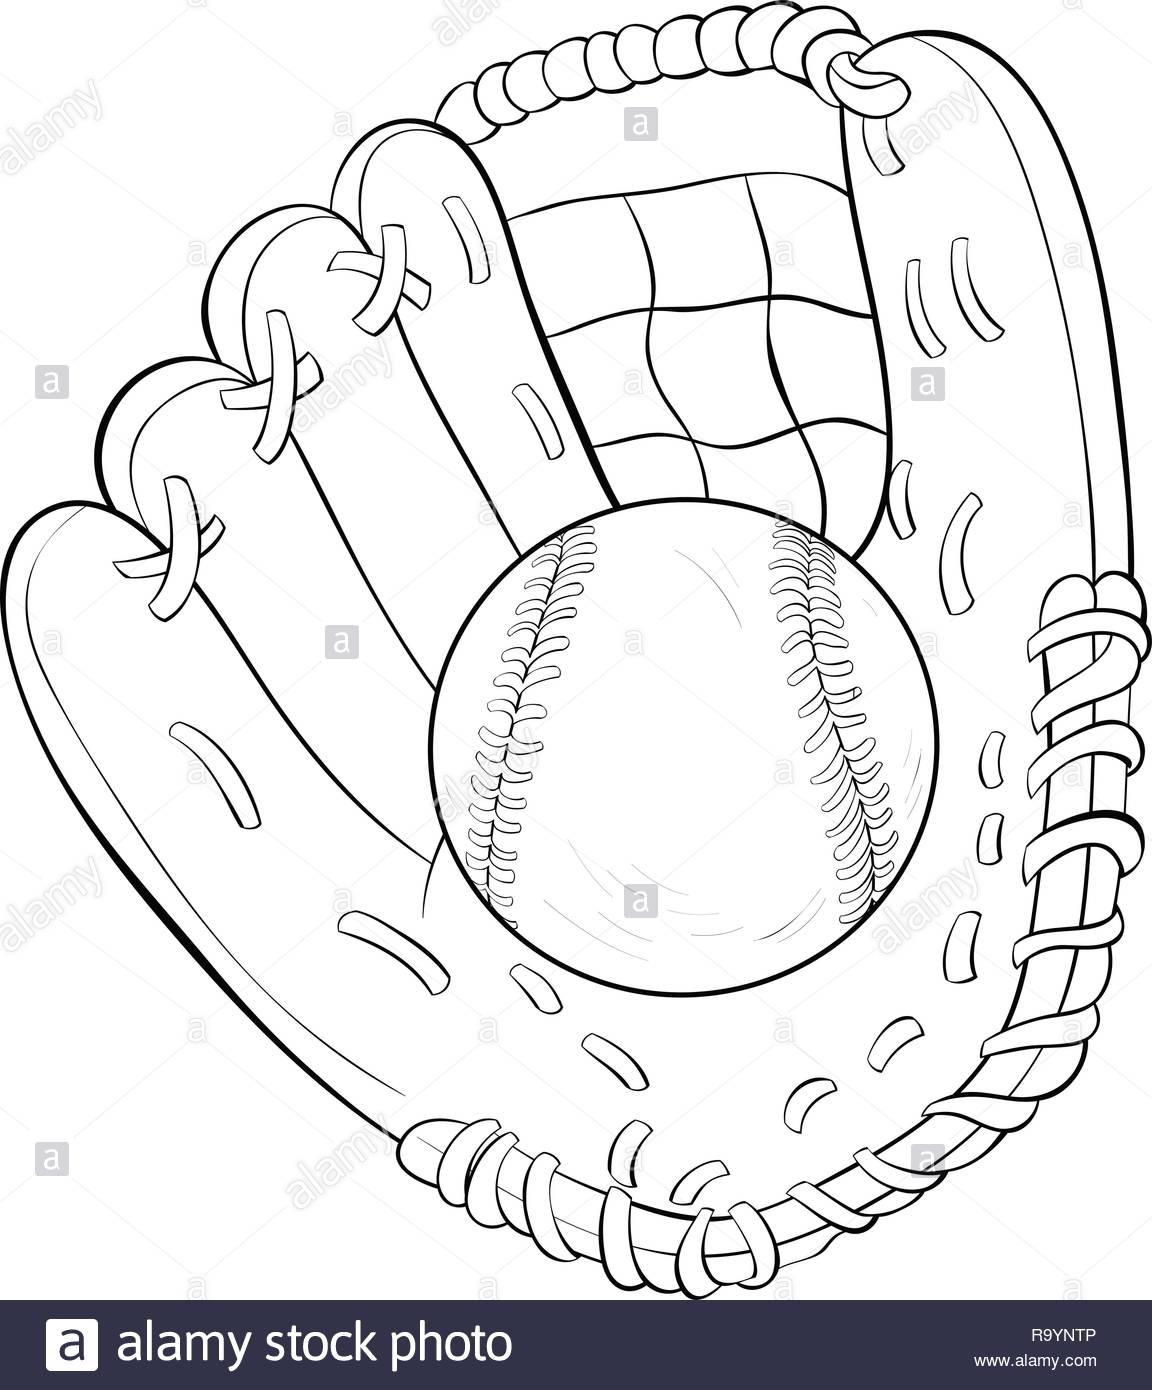 Un Guante De Beisbol De Dibujos Animados Y Una Imagen De La Pelota